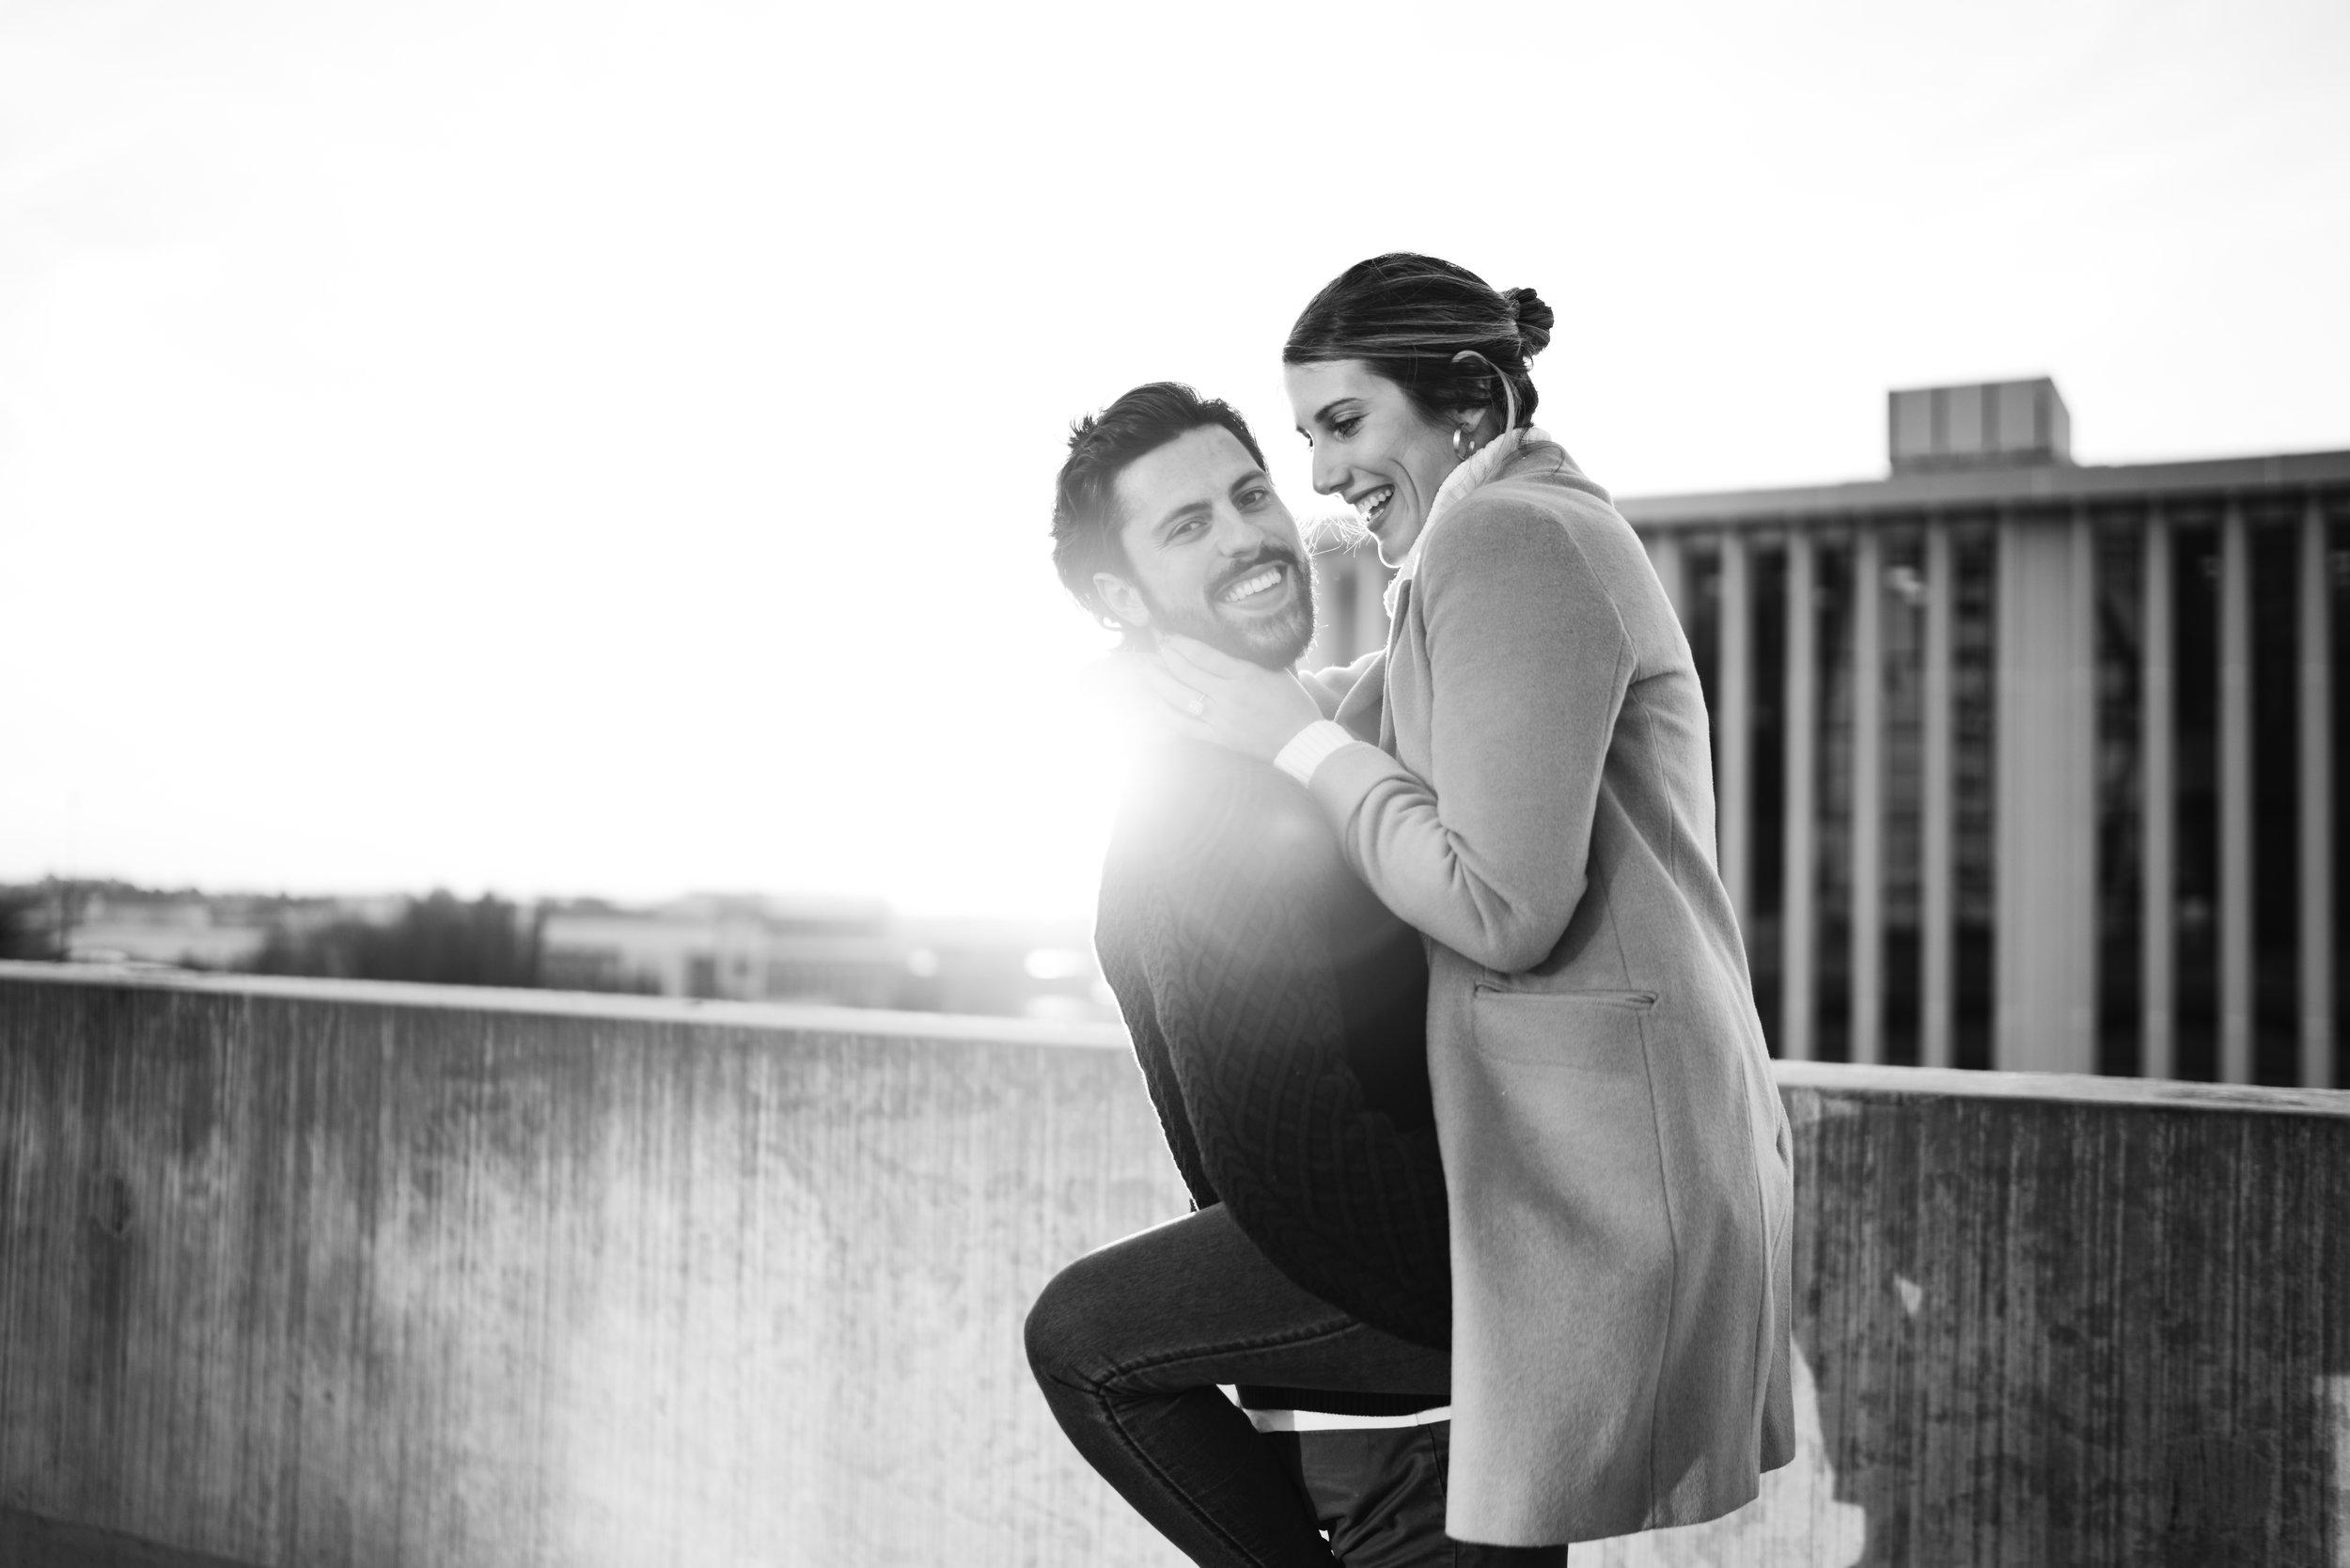 Dorin_Engagement-174.jpg